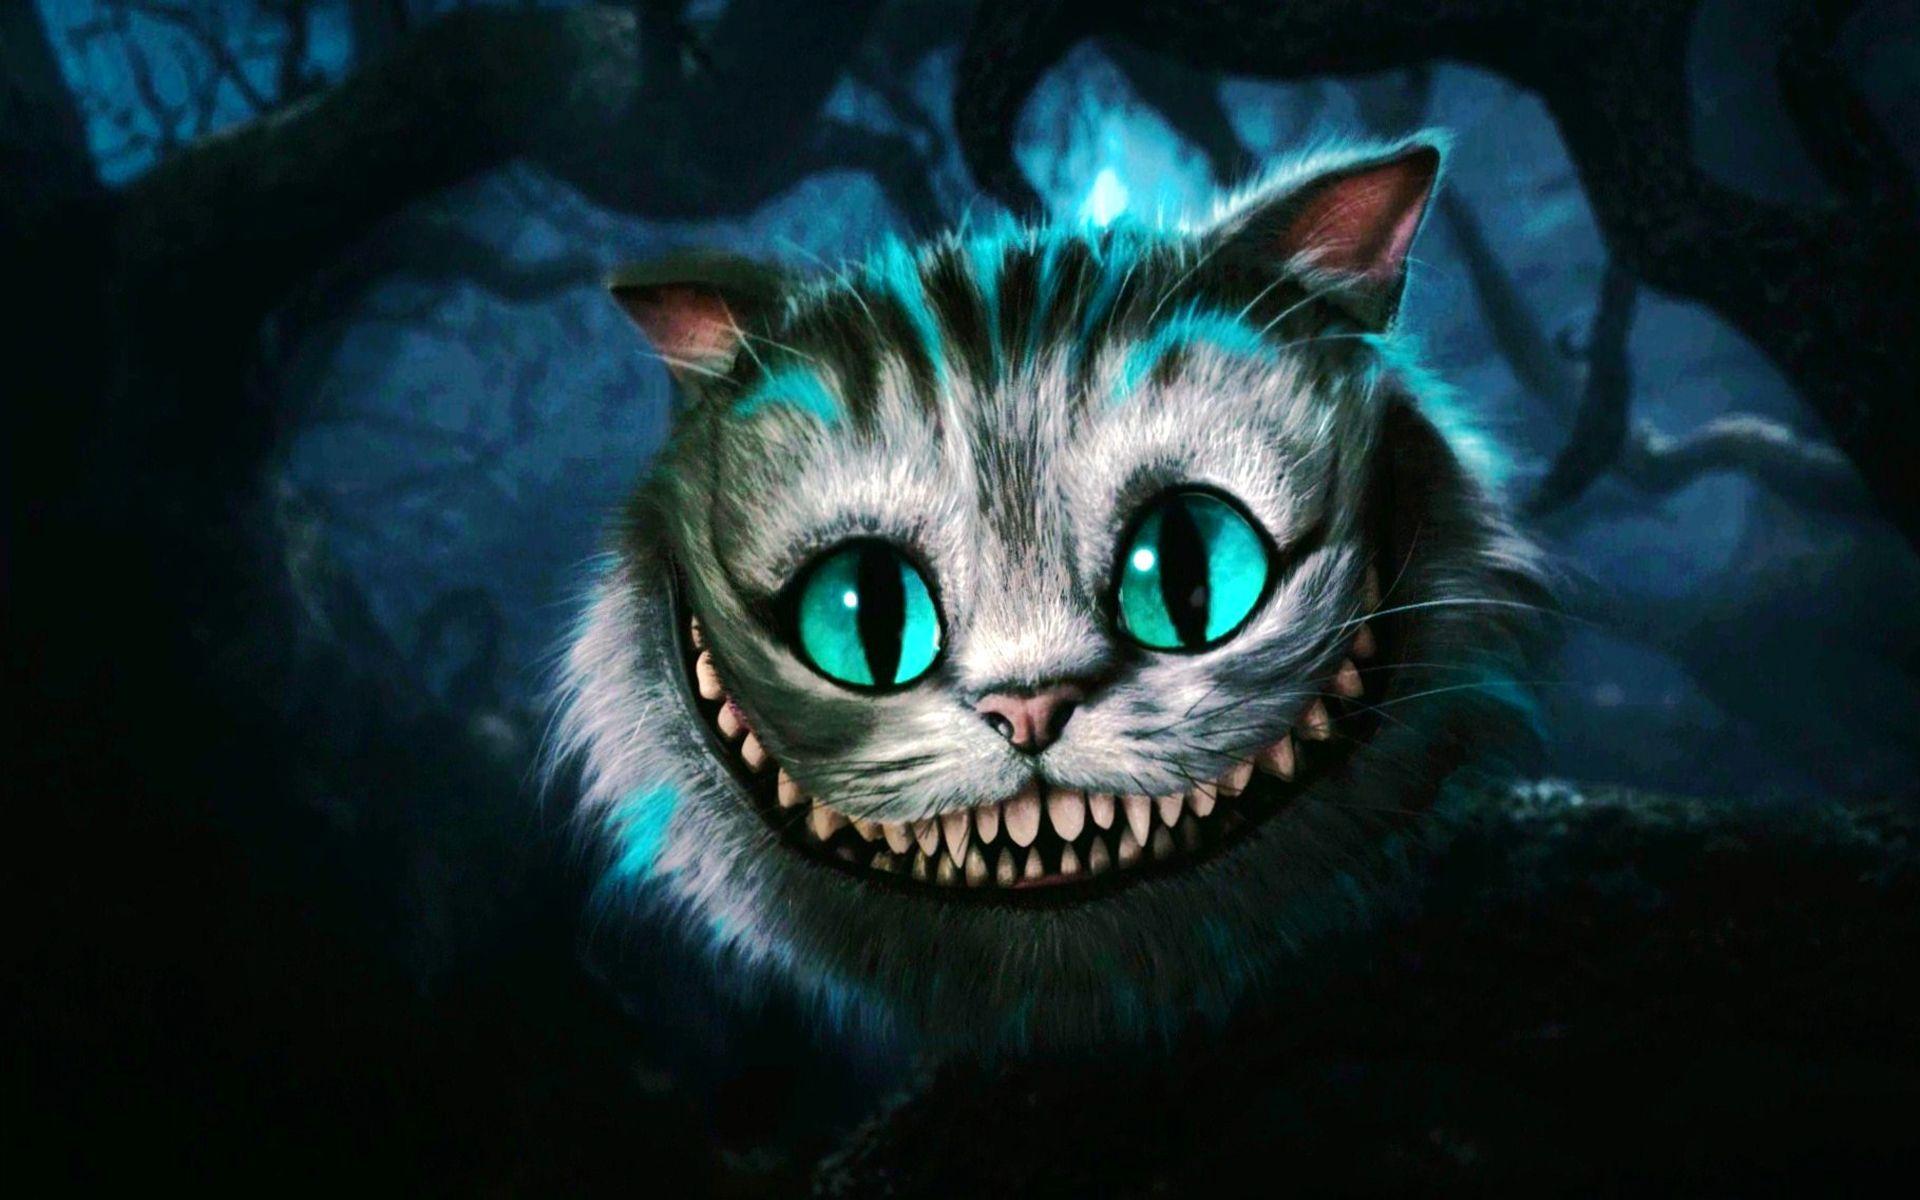 ผลการค้นหารูปภาพสำหรับ cheshire cat 2010